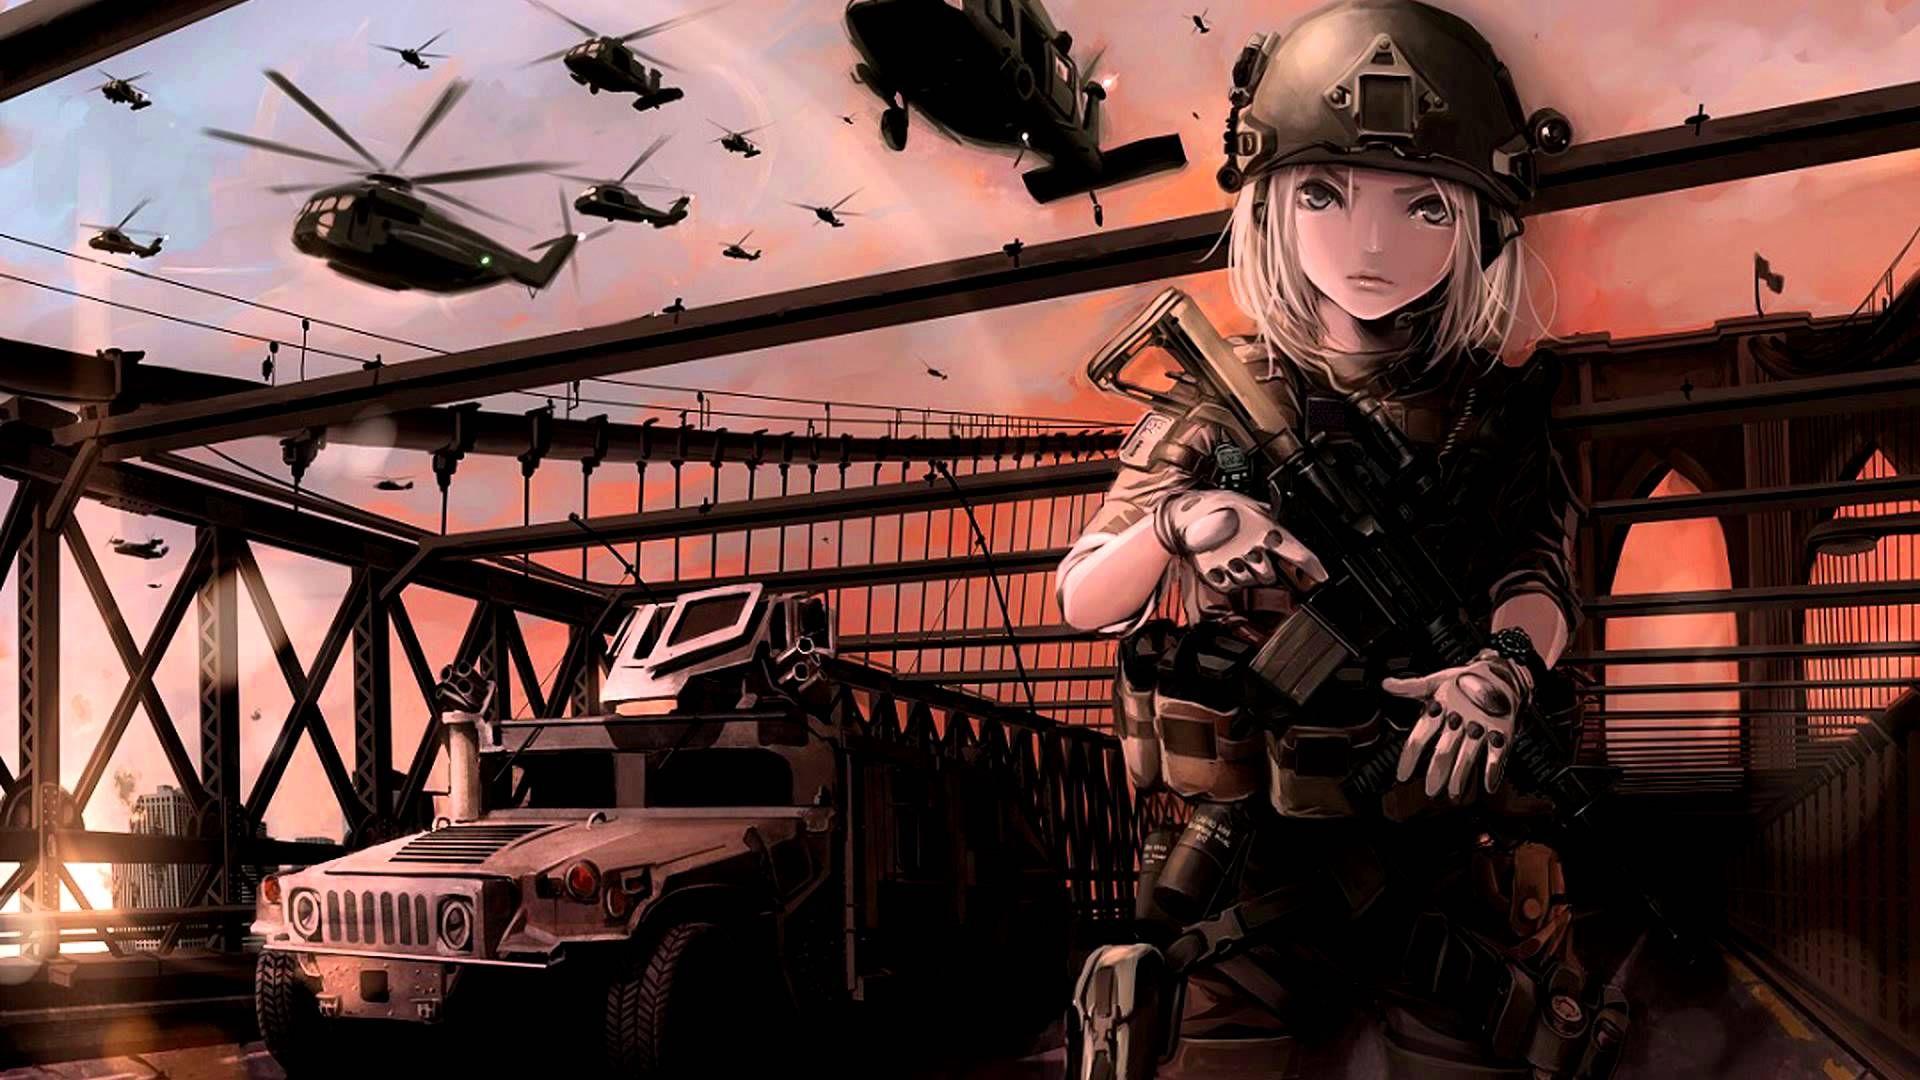 Nightcore - War of change HD